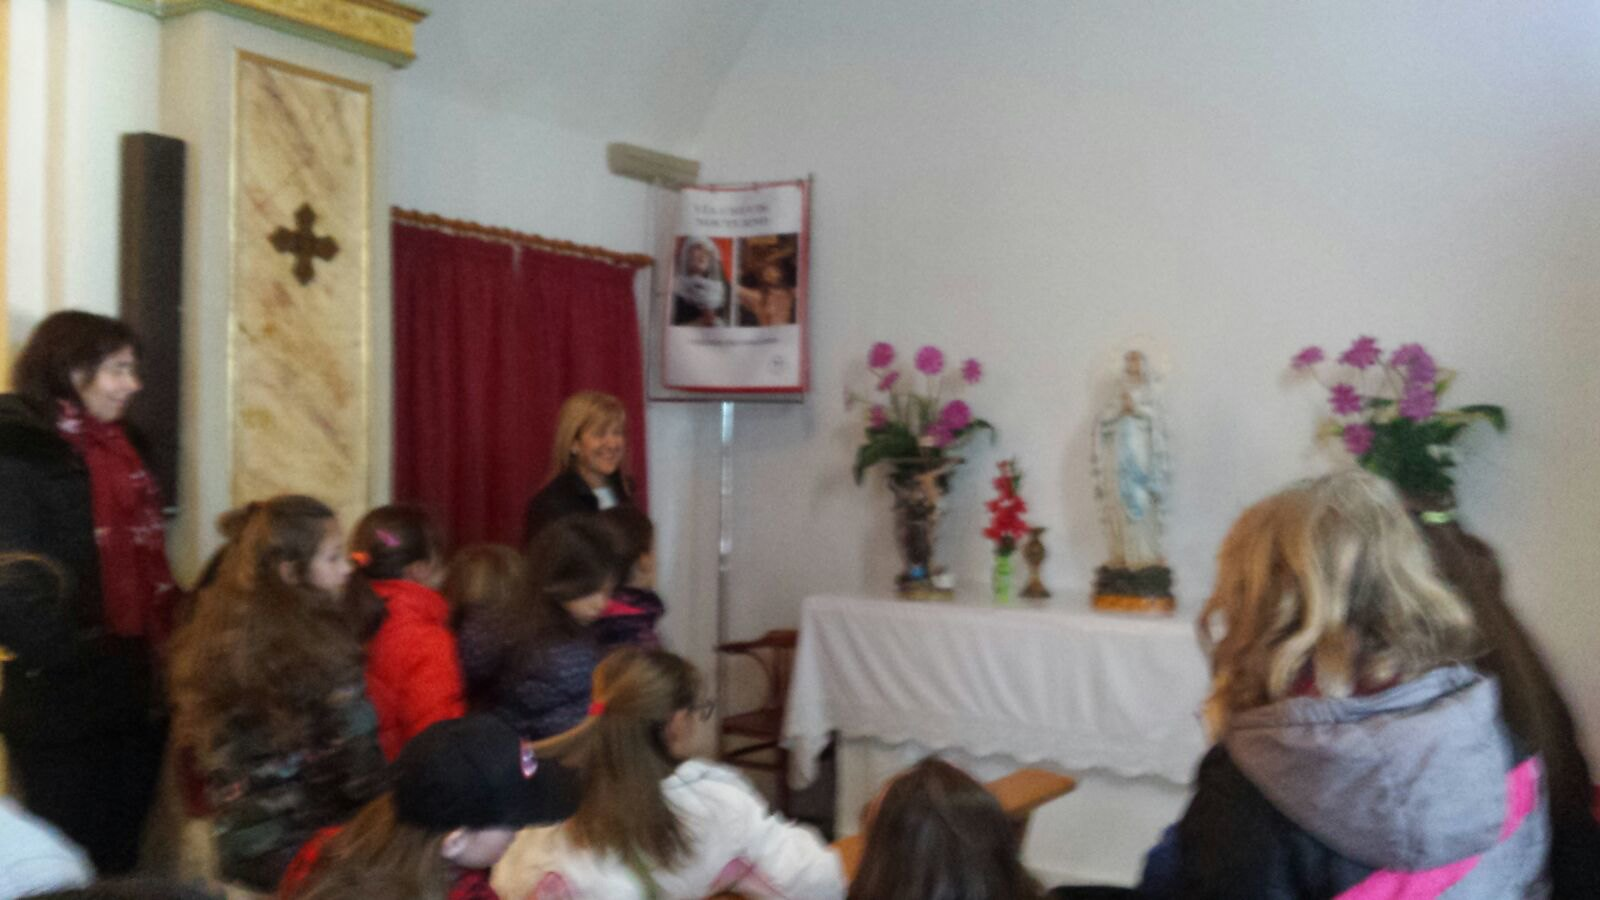 (2018-03-22) - Visita ermita alumnos Laura,3ºC, profesora religión Reina Sofia - Marzo -  María Isabel Berenguer Brotons (11)